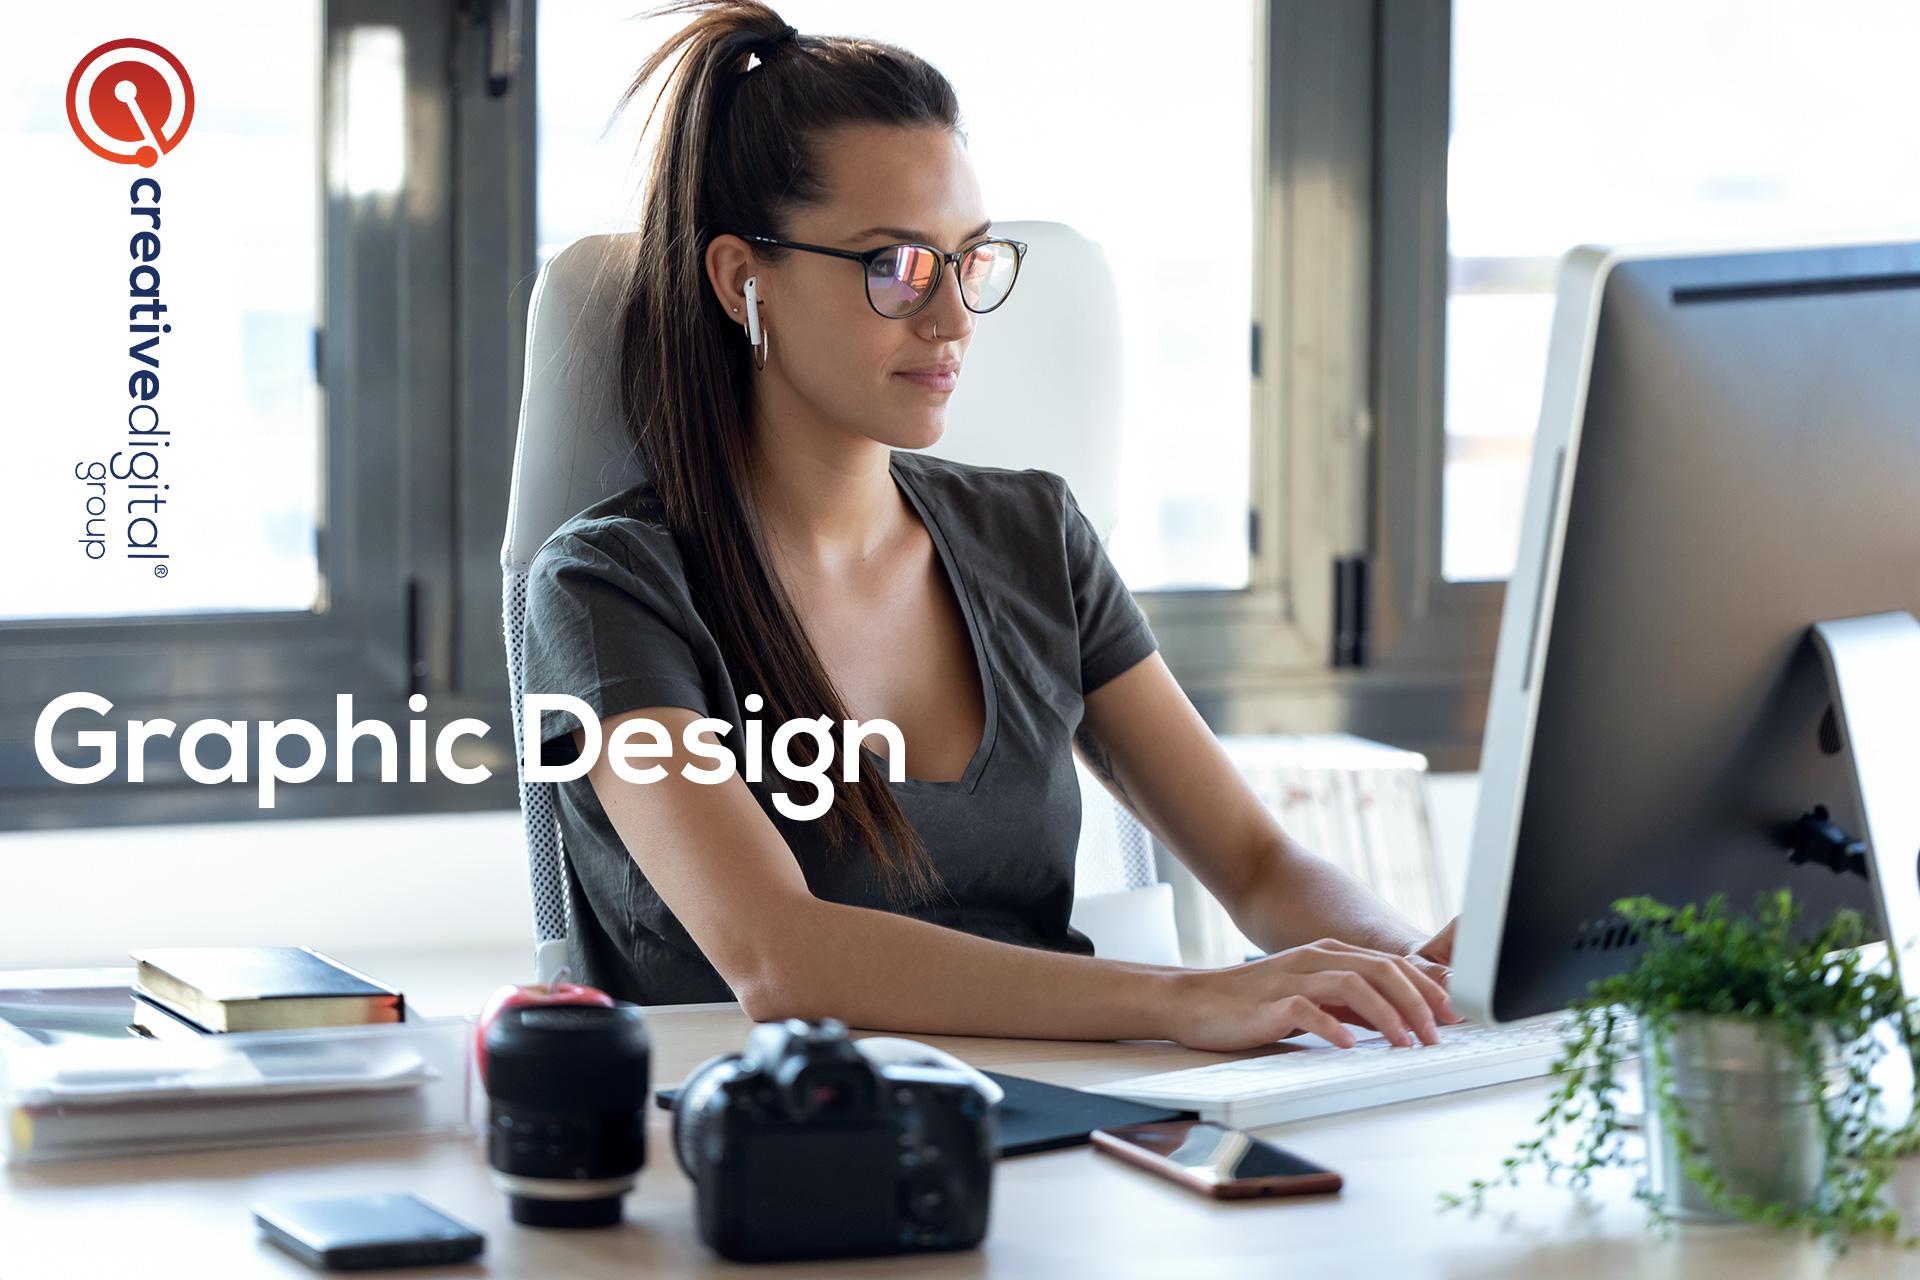 graphic design service in Las Vegas